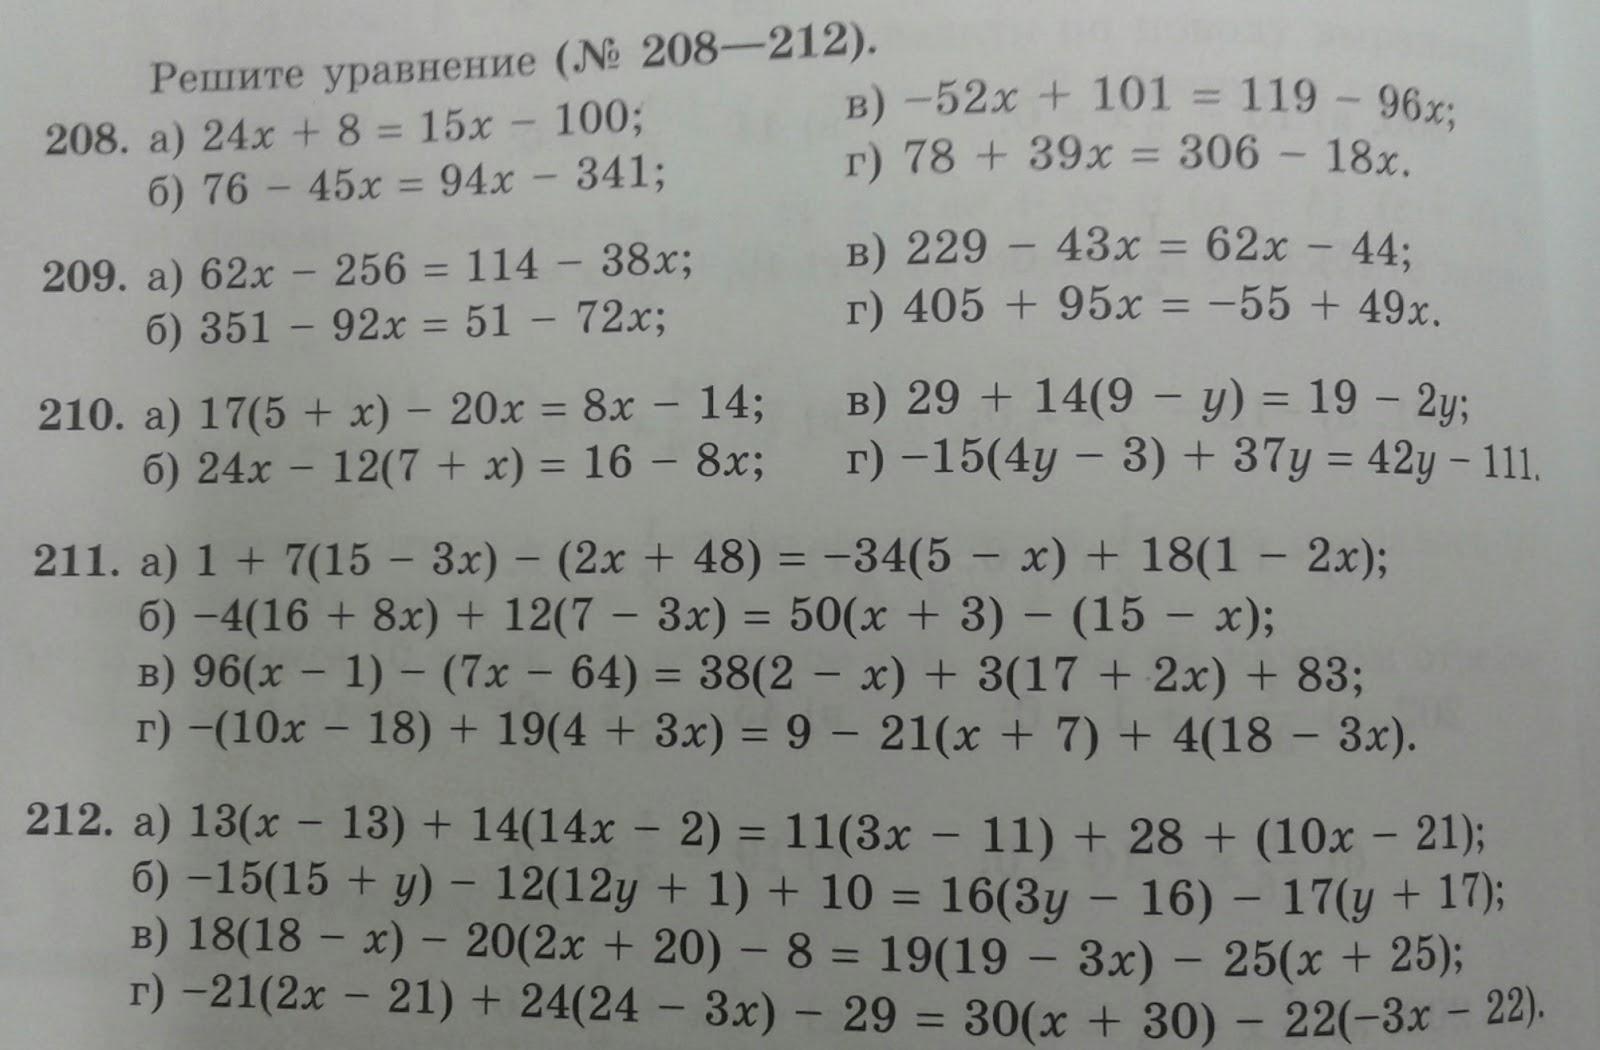 Решаем задачи уравнением 5 класс с решением задачи по матрице бкг с решением